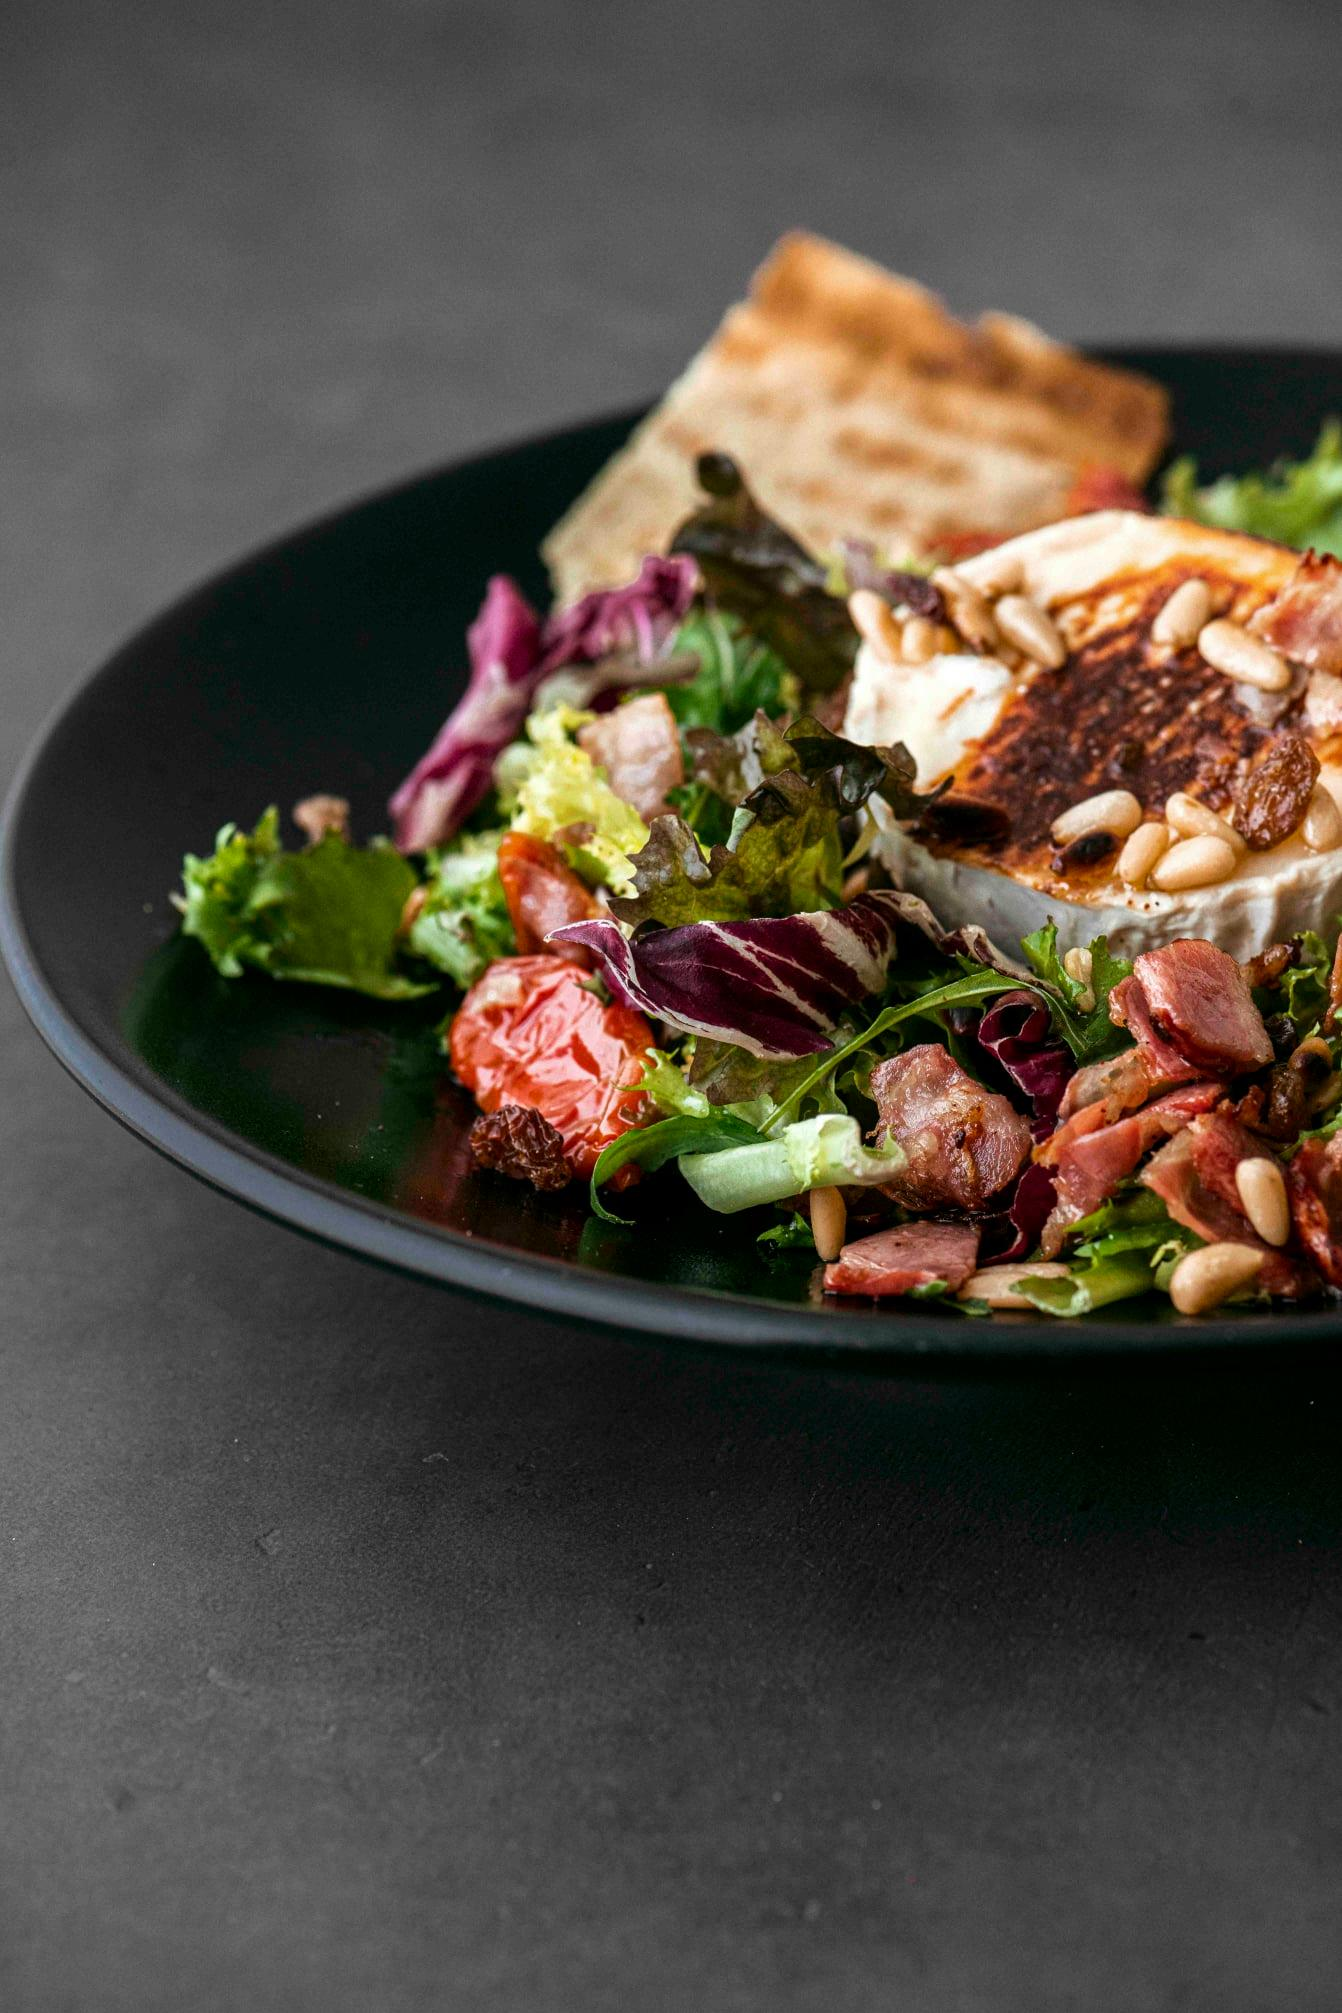 ensaladas para comer en el trabajo - ¿Ensaladas para llevar? Un plato completo para tu trabajo